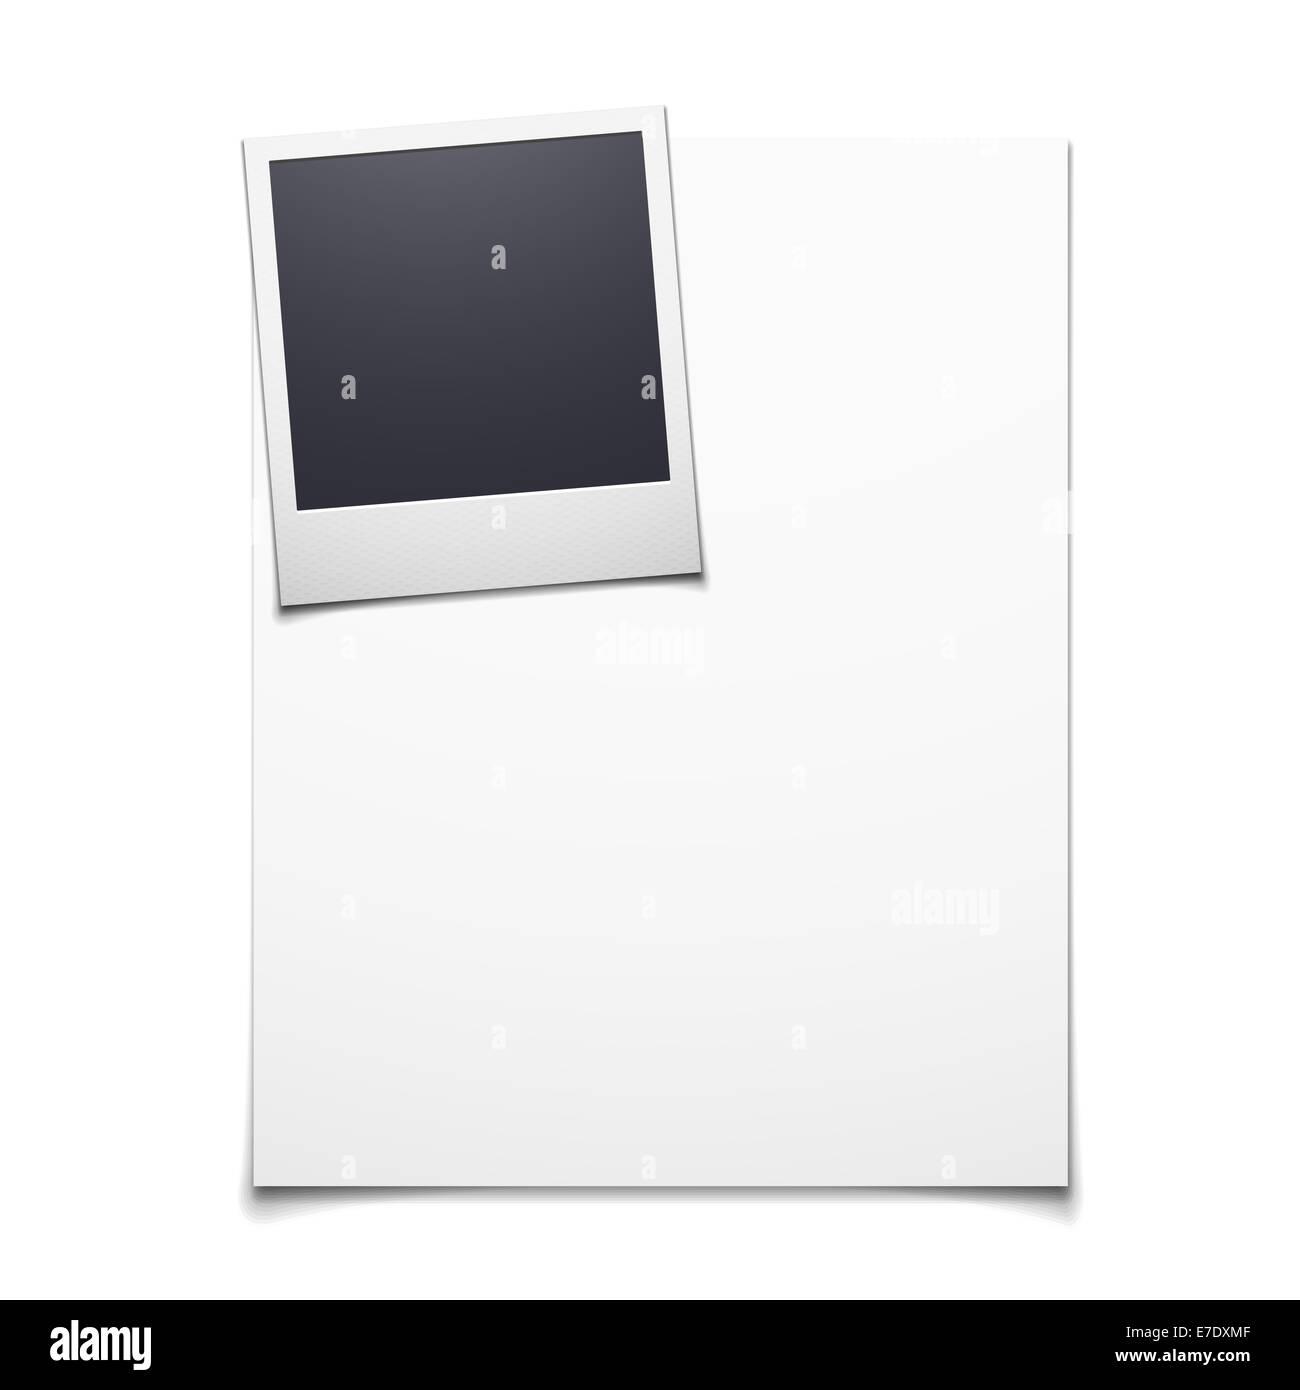 Nett Leere Polaroid Vorlage Galerie - Beispiel Anschreiben für ...